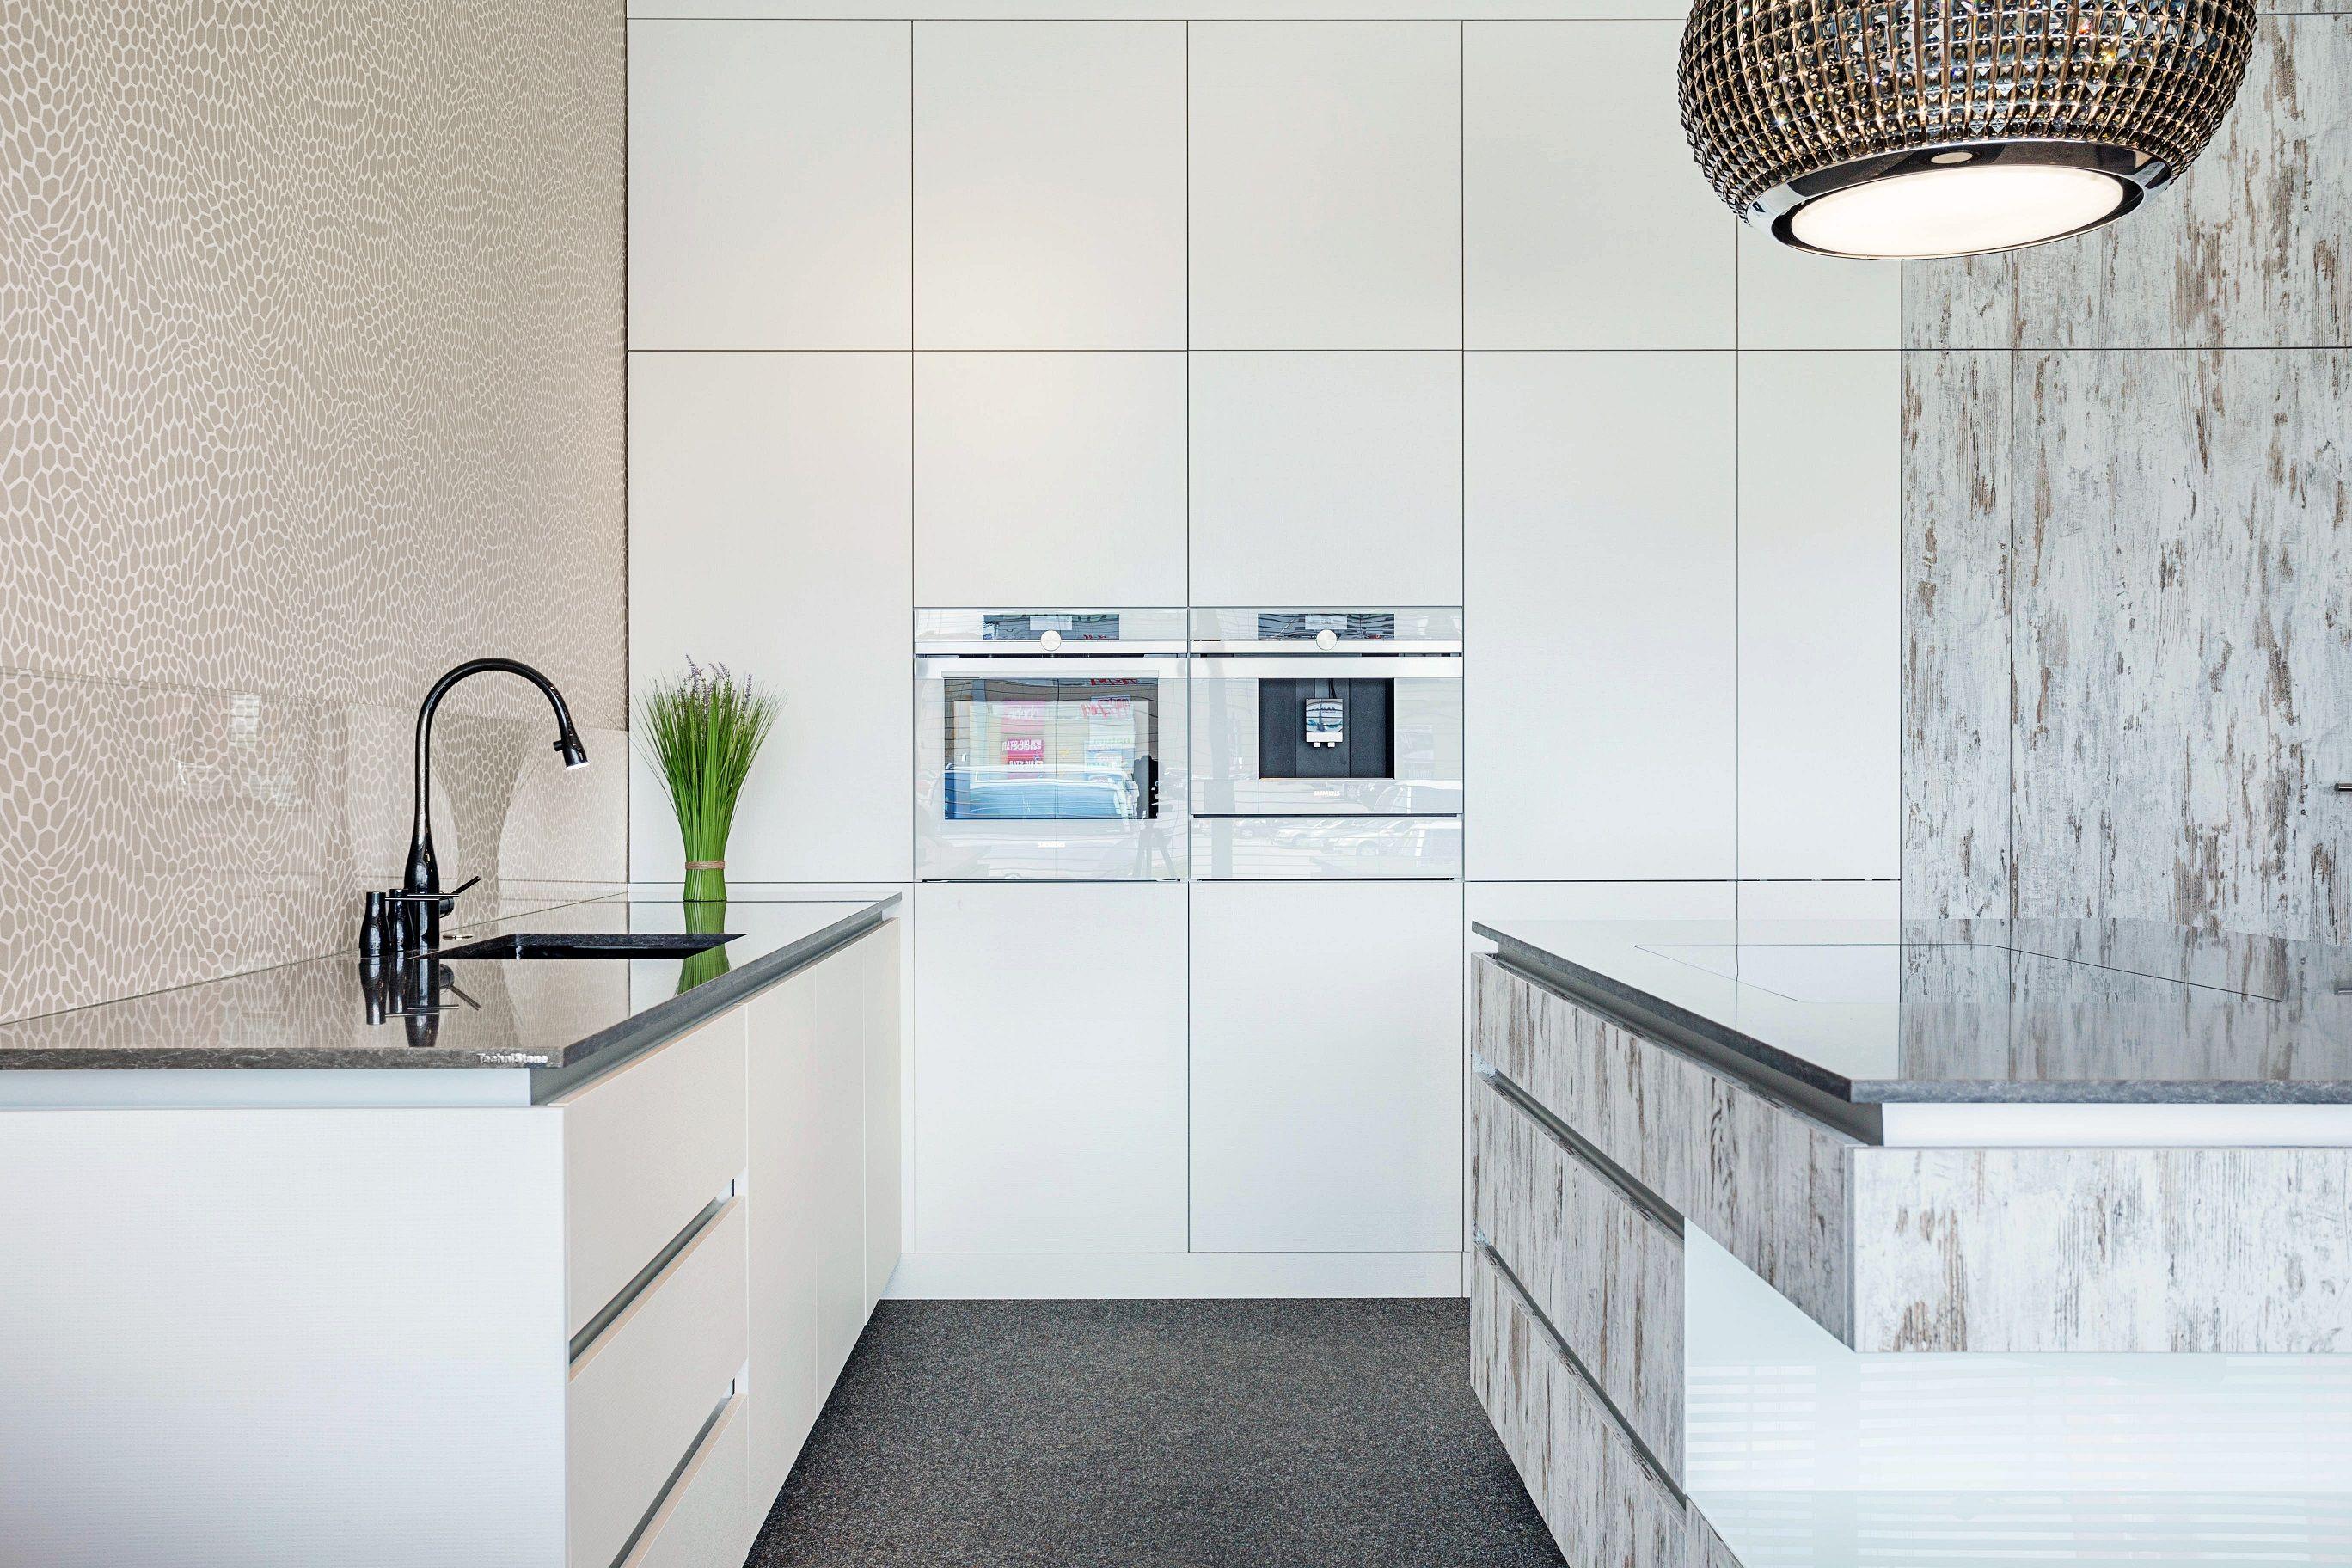 Gladka Jasna Zabudowa Do Sufitu Sprawia Ze Nawet Niewielka Kuchnia Jest Bardzo Pojemna Rownoczesnie Wyglada Bardzo Reprezen Home Decor Home Kitchen Cabinets